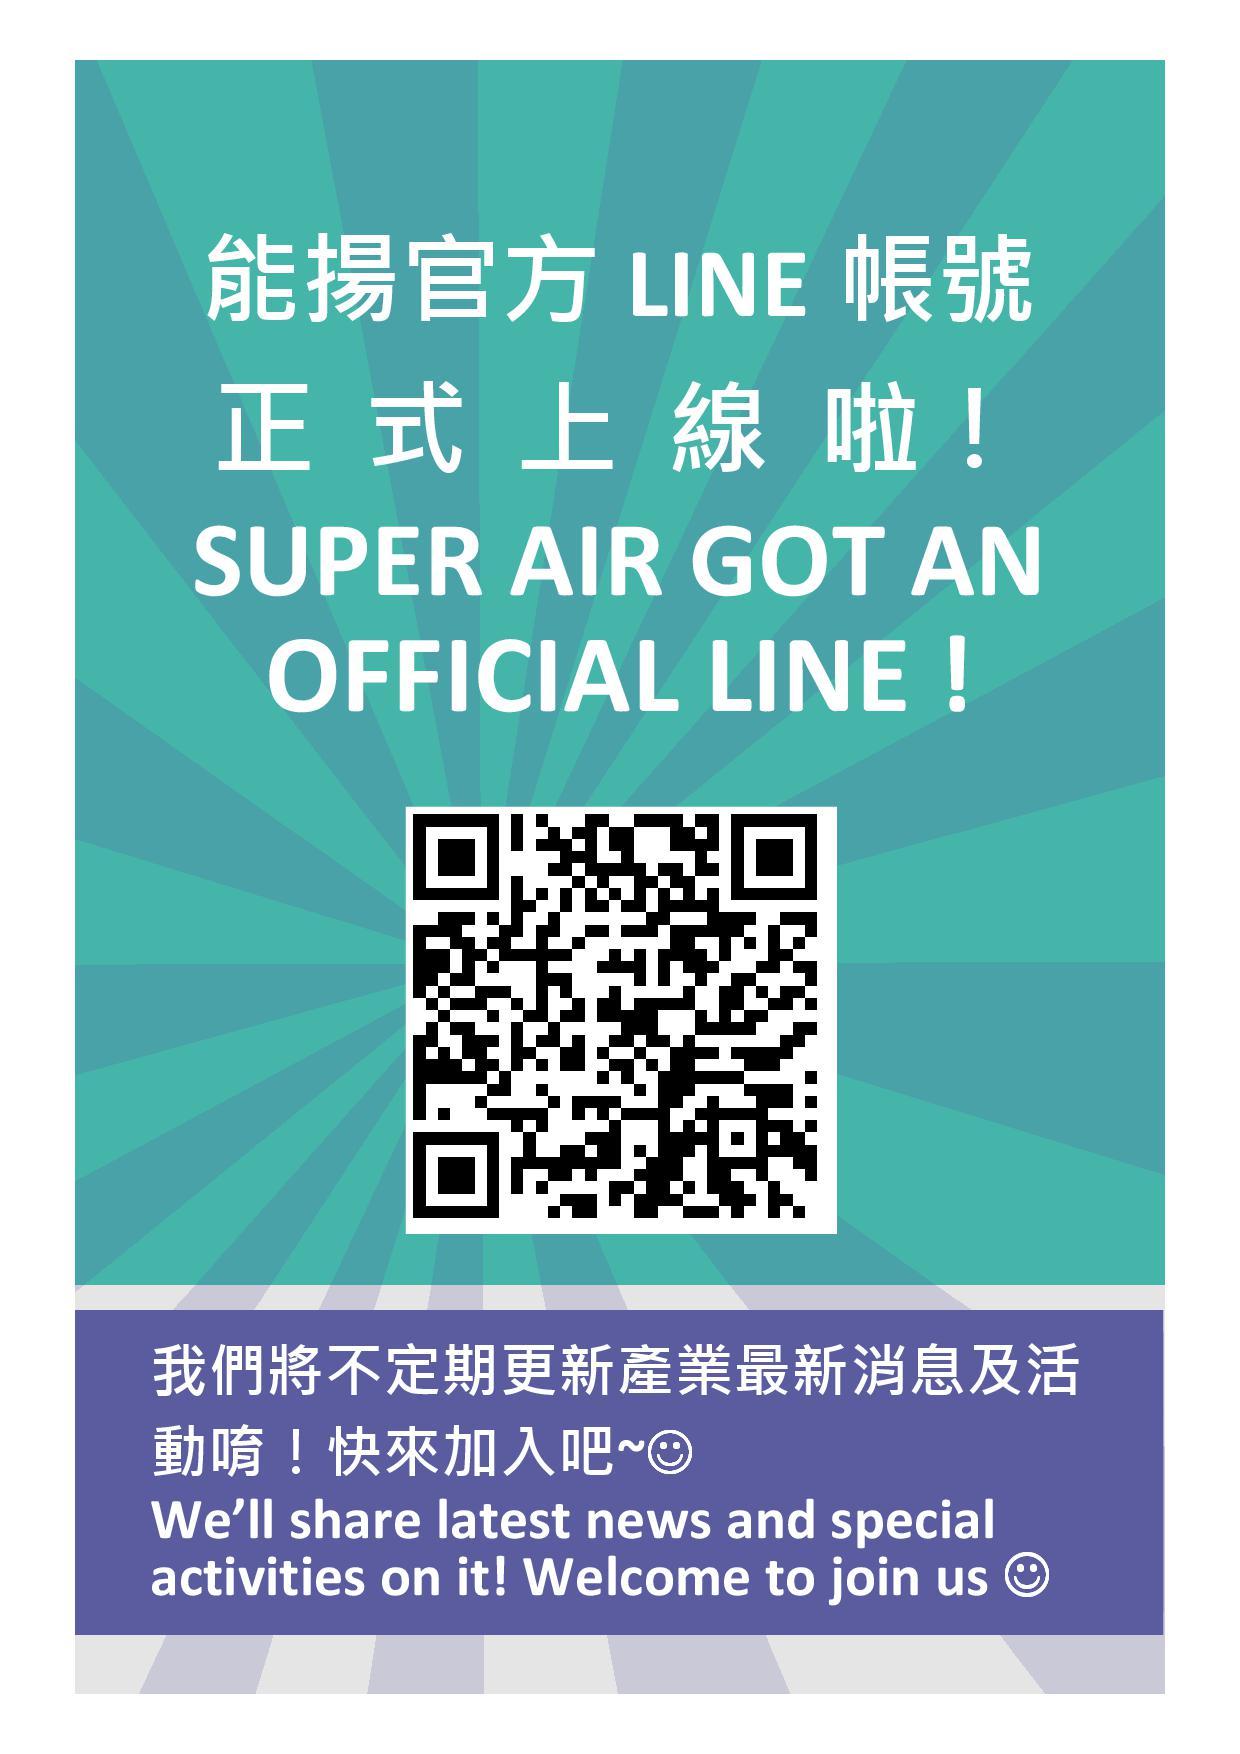 Super Air LINE